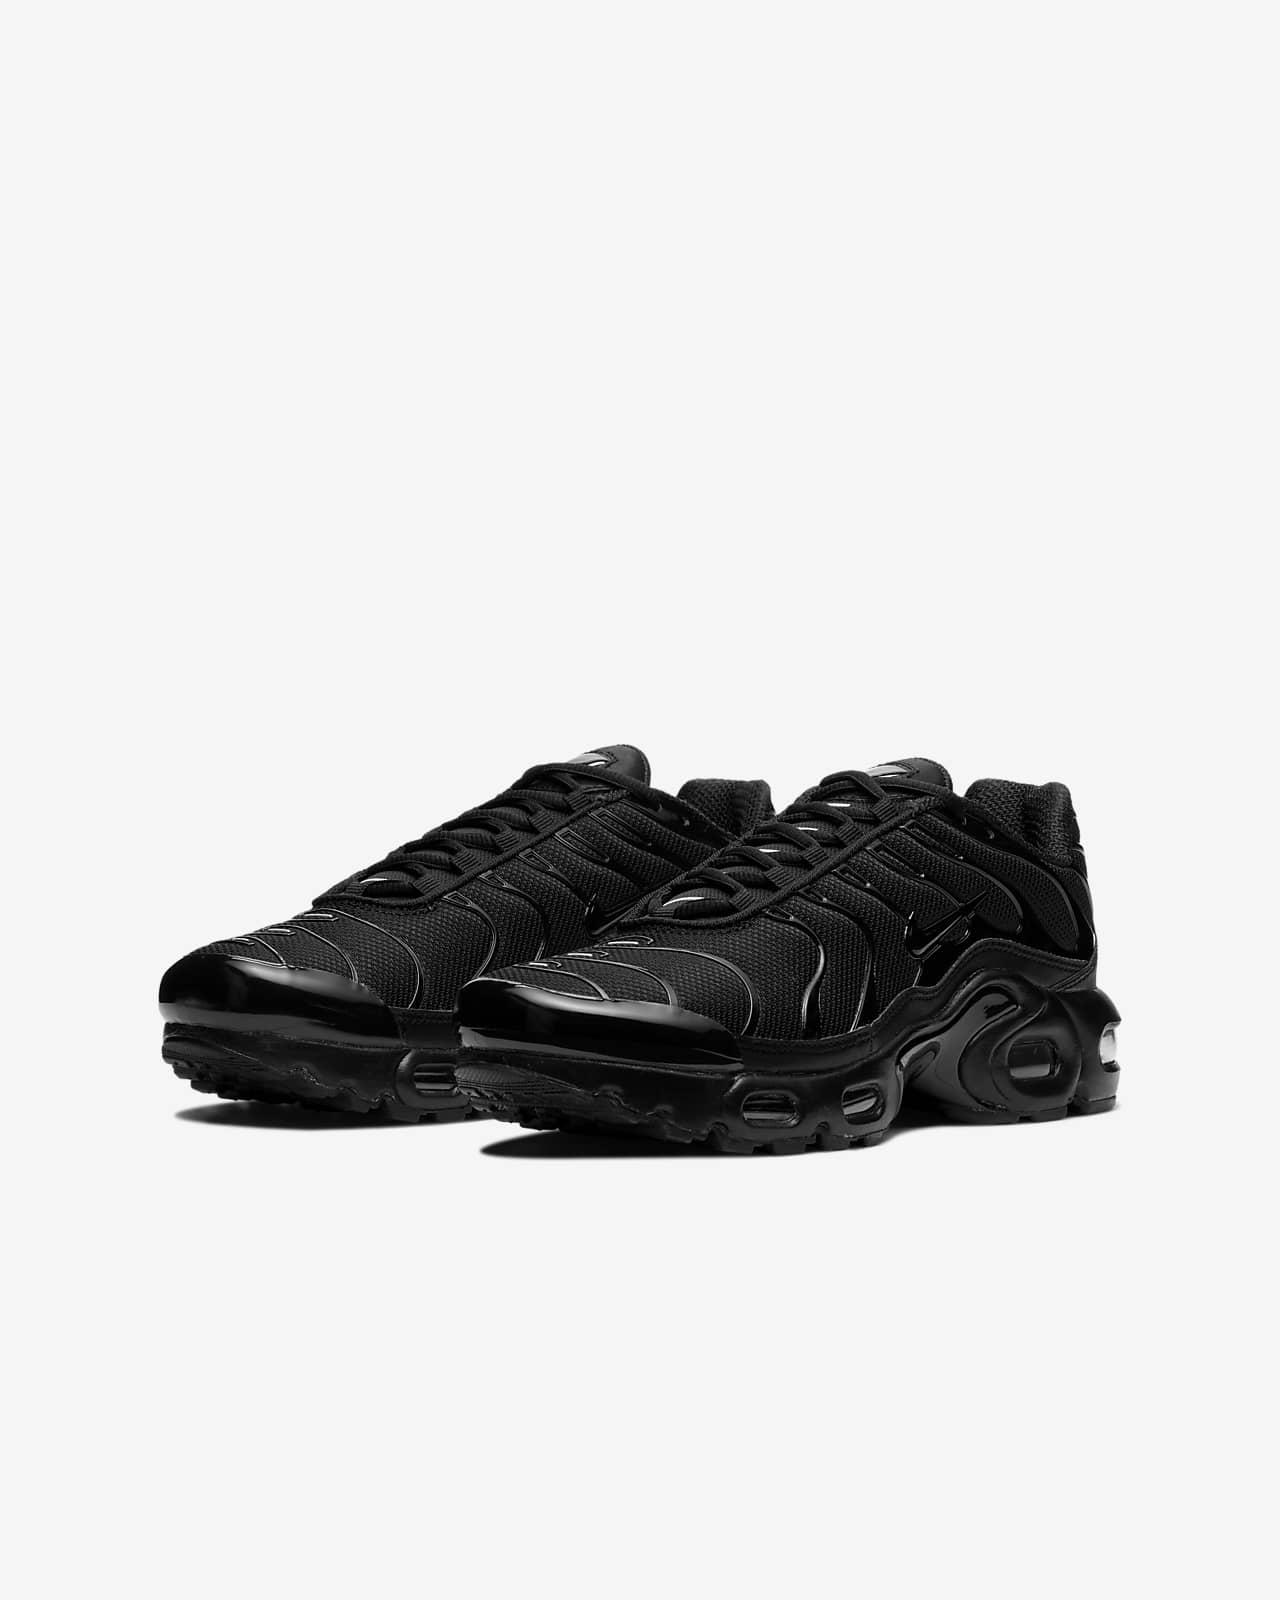 Chaussure Nike Air Max Plus pour Enfant plus âgé. Nike LU